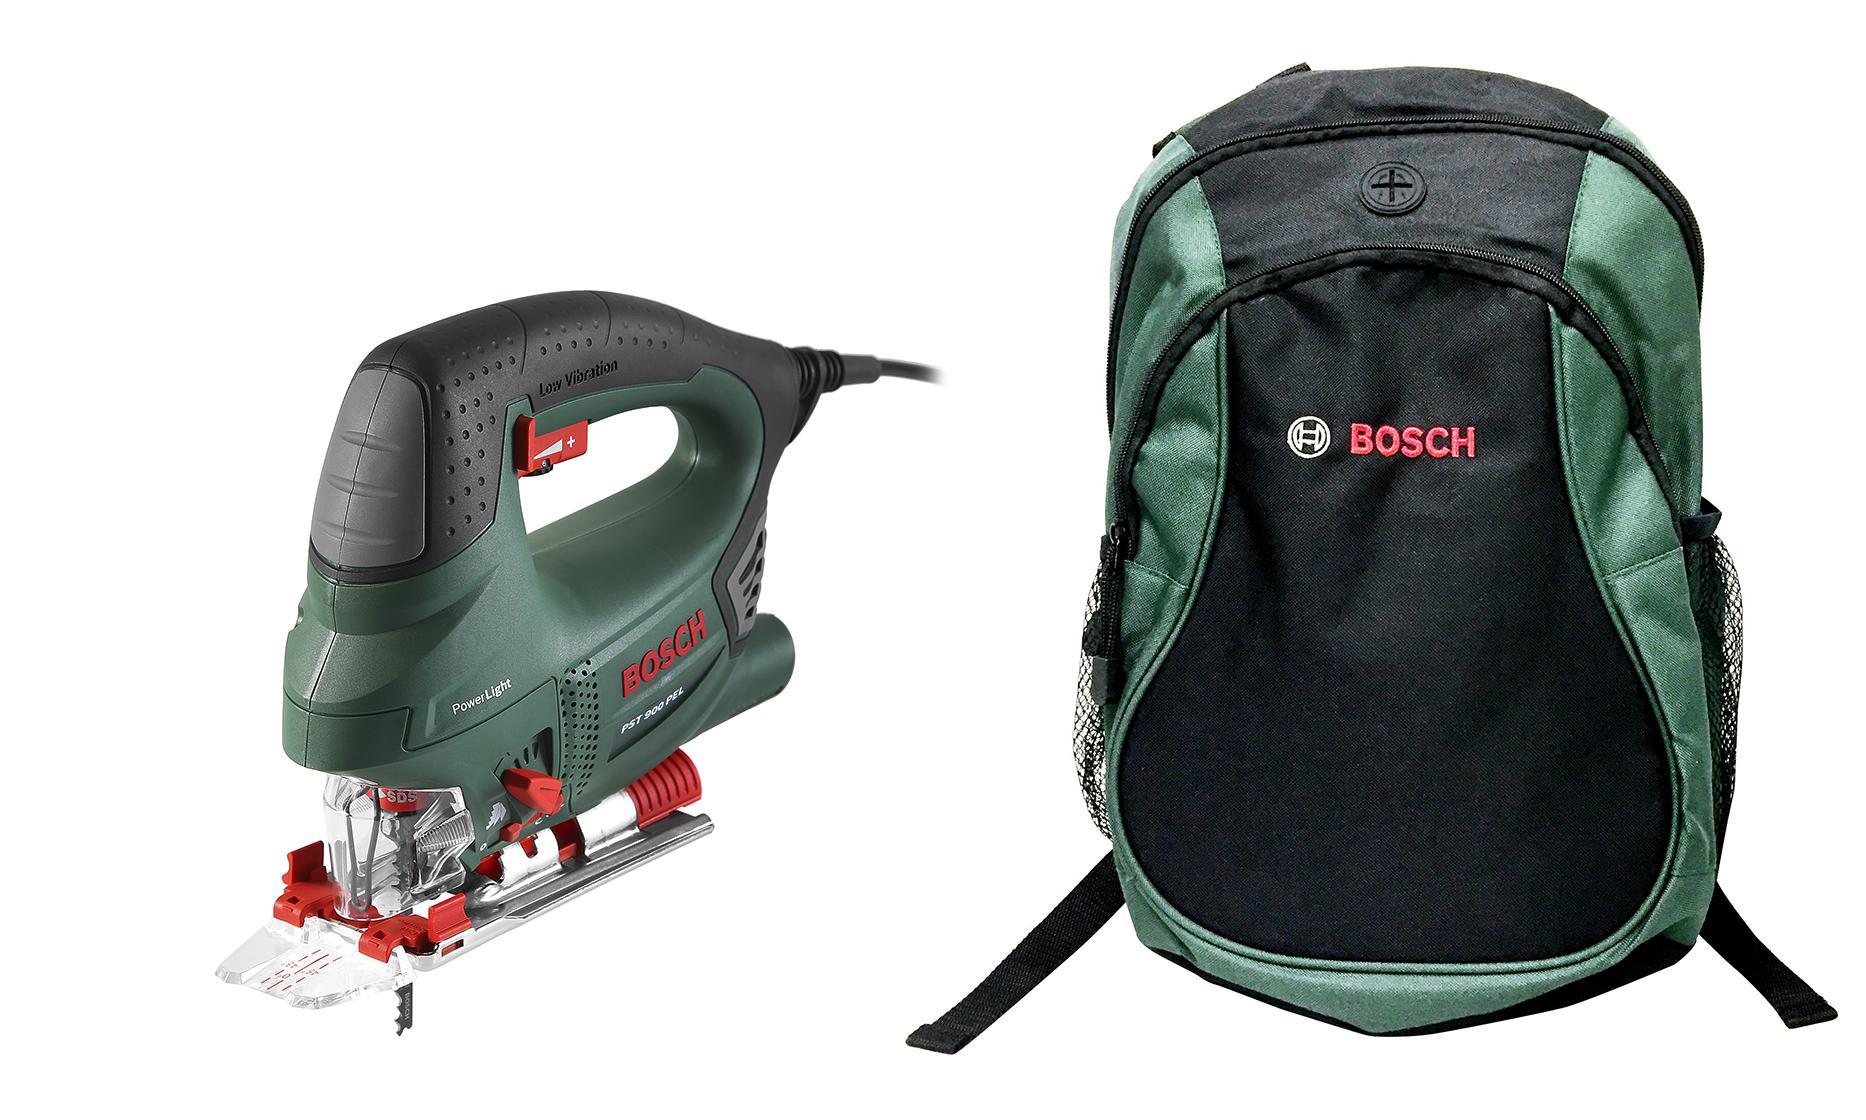 Набор Bosch Лобзик pst 900 pel compact (0.603.3a0.220) +Рюкзак green (1619g45200)